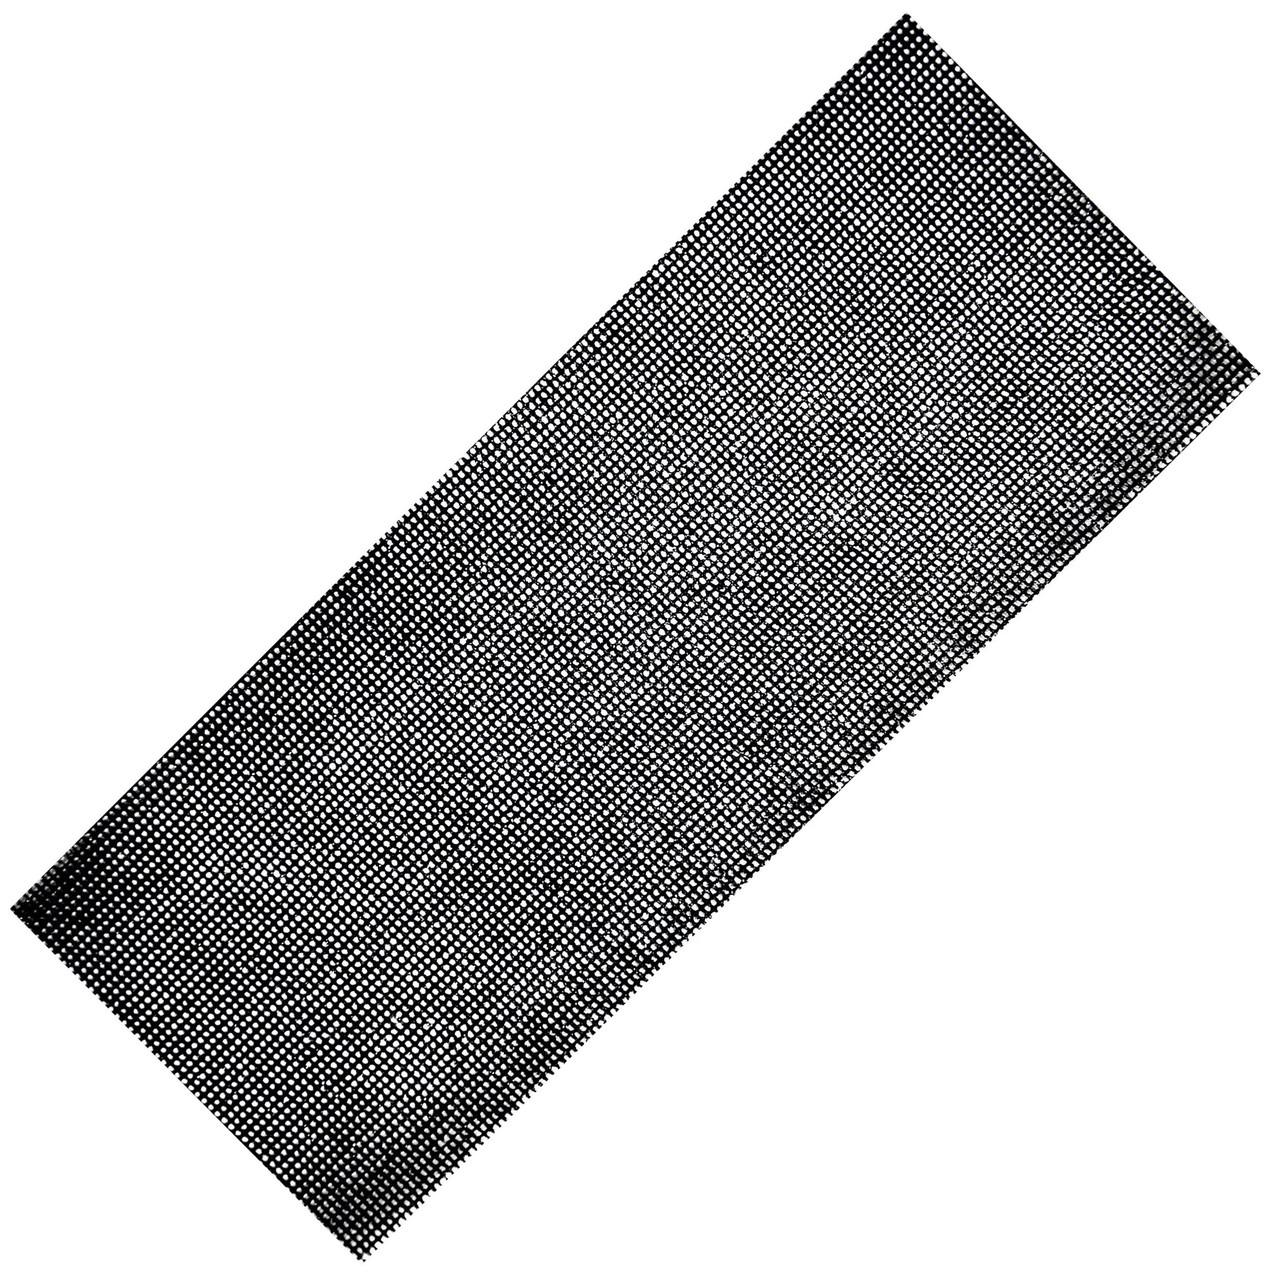 Сетка шлифовальная Spitce 115 х 280 мм Р320 5 листов (18-735)